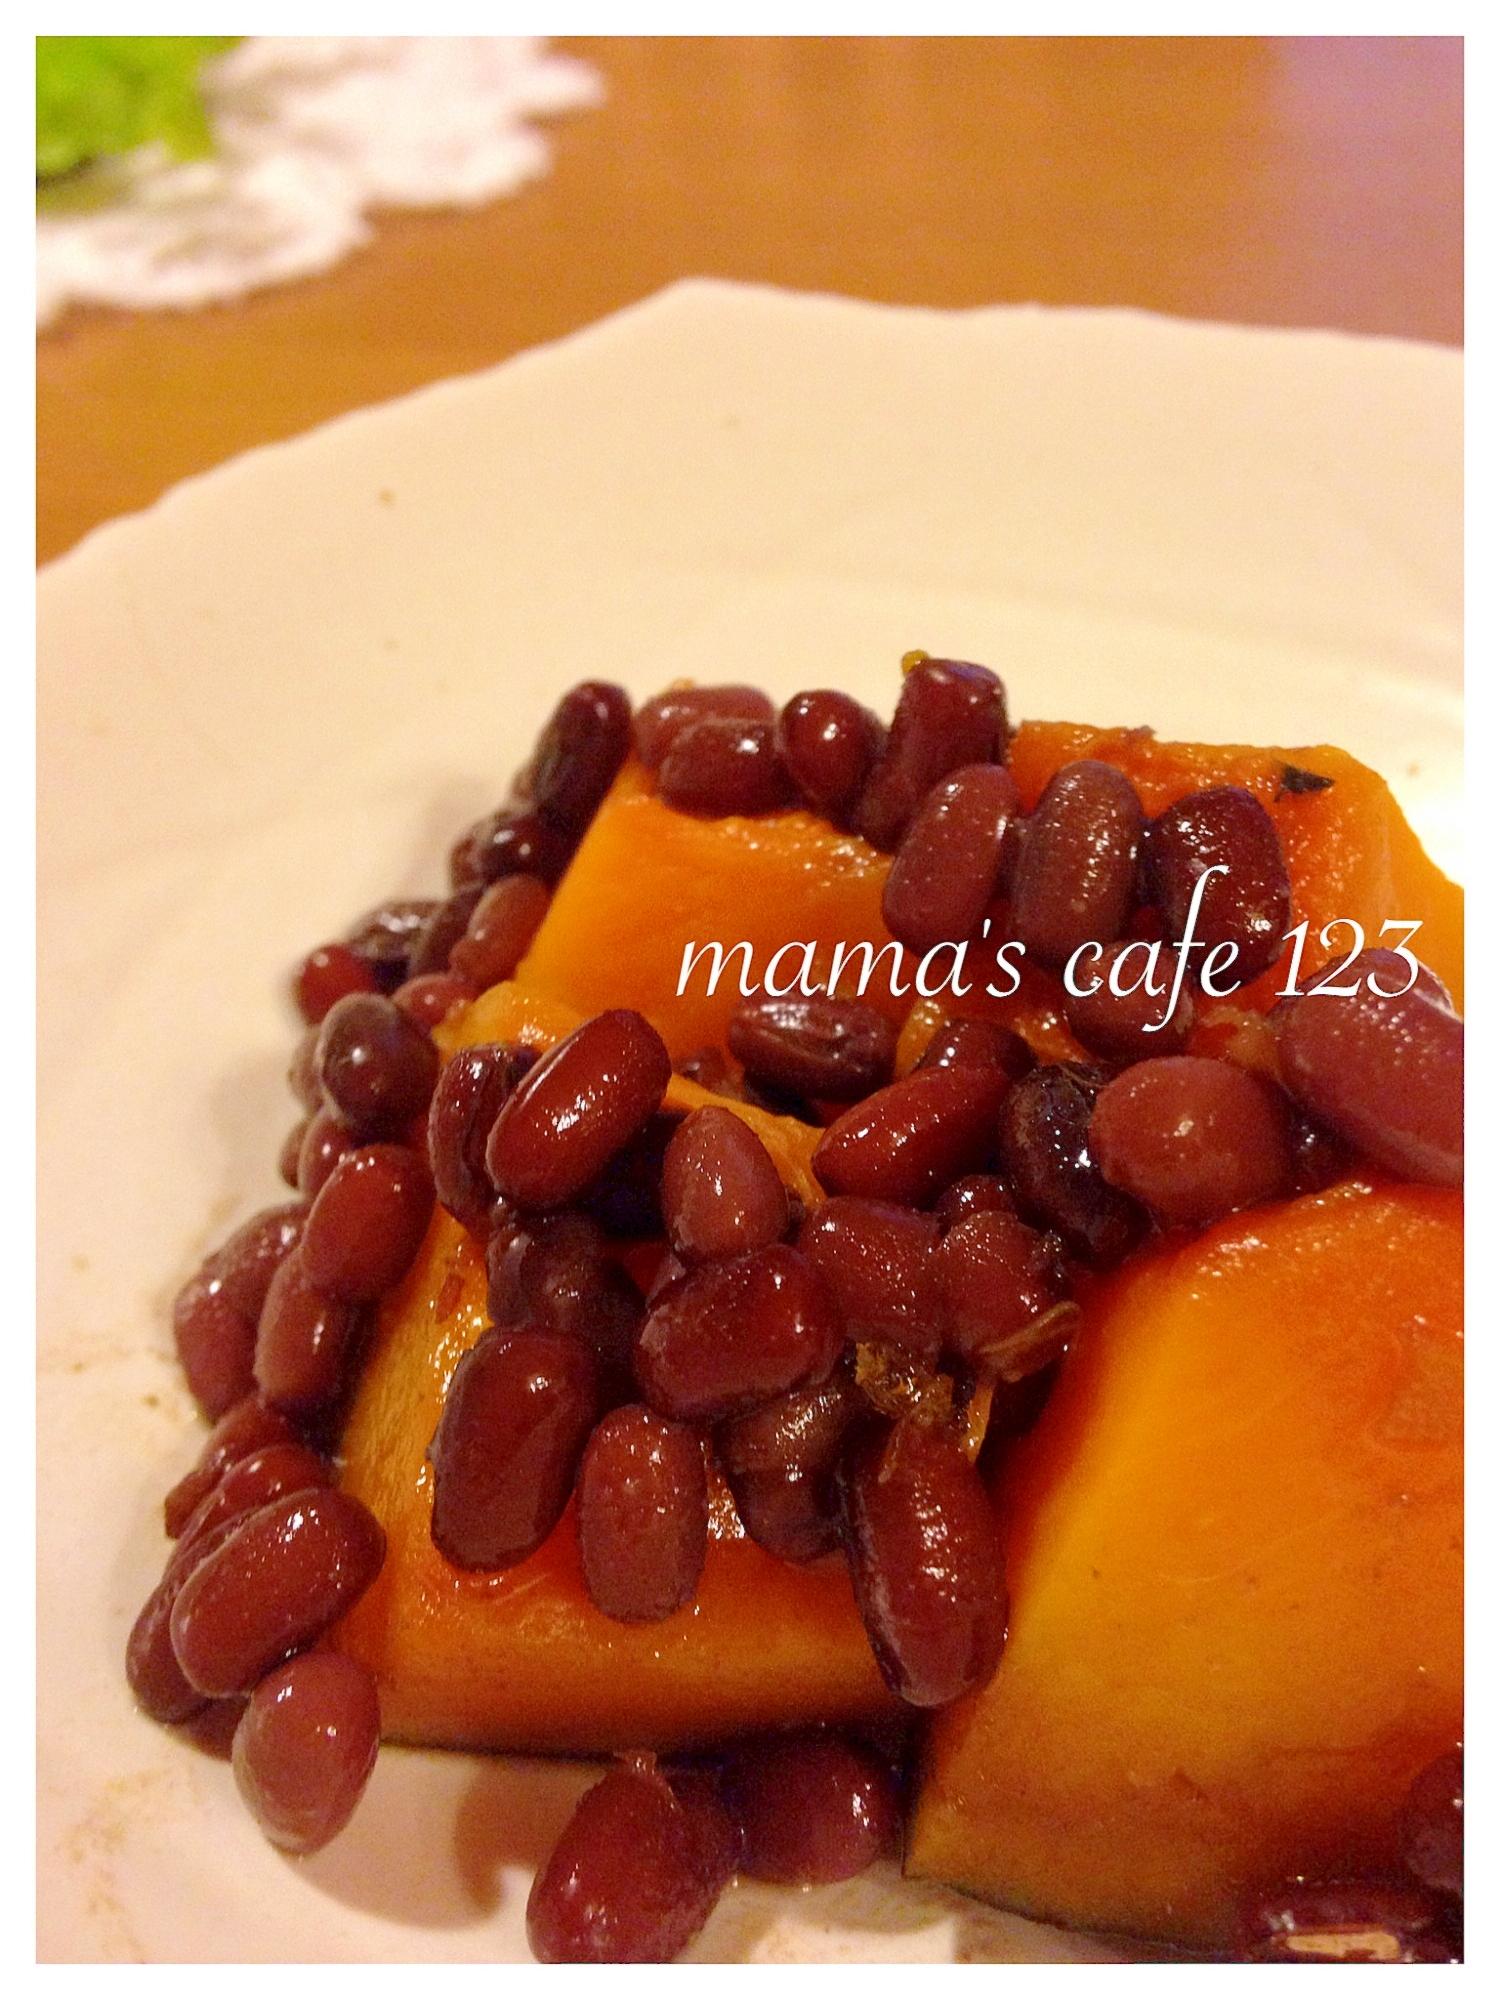 お弁当にも♪圧力鍋で簡単♪ほっこりかぼちゃの小豆煮